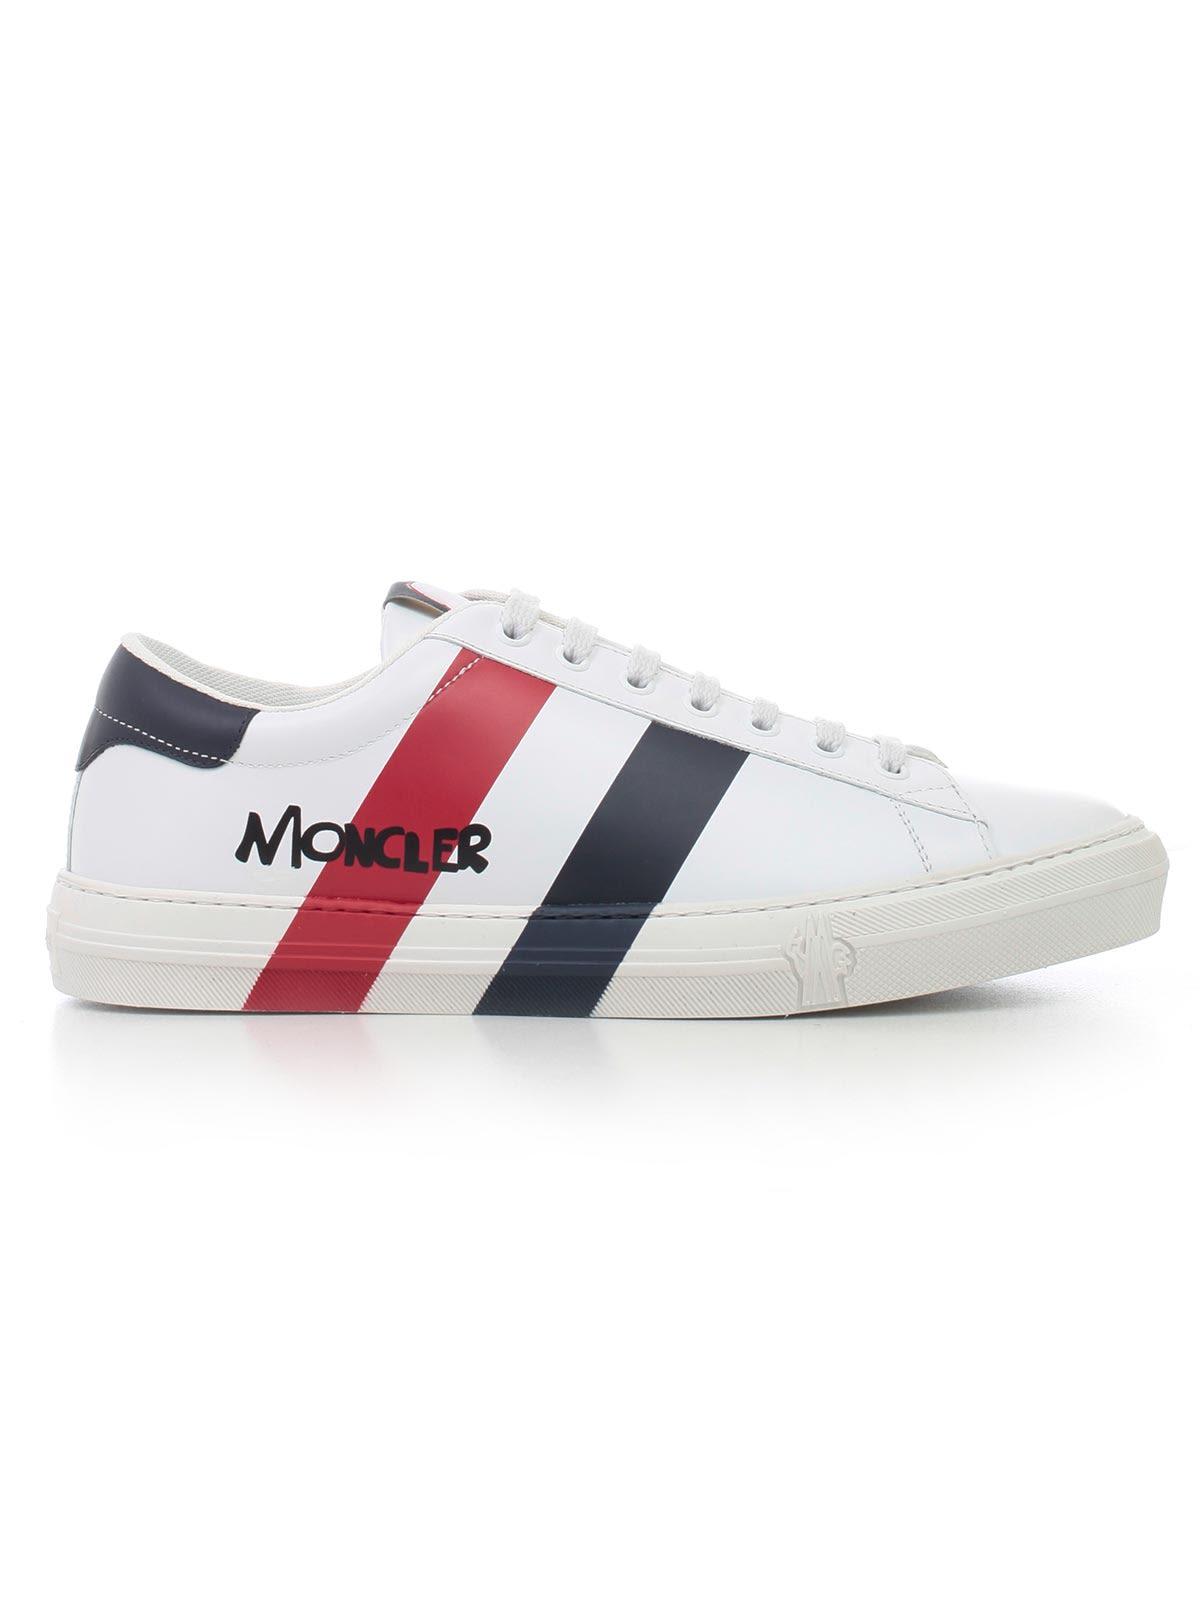 647cc99e940 Moncler Moncler Striped Low Top Sneakers - Multicolor - 10916822 ...